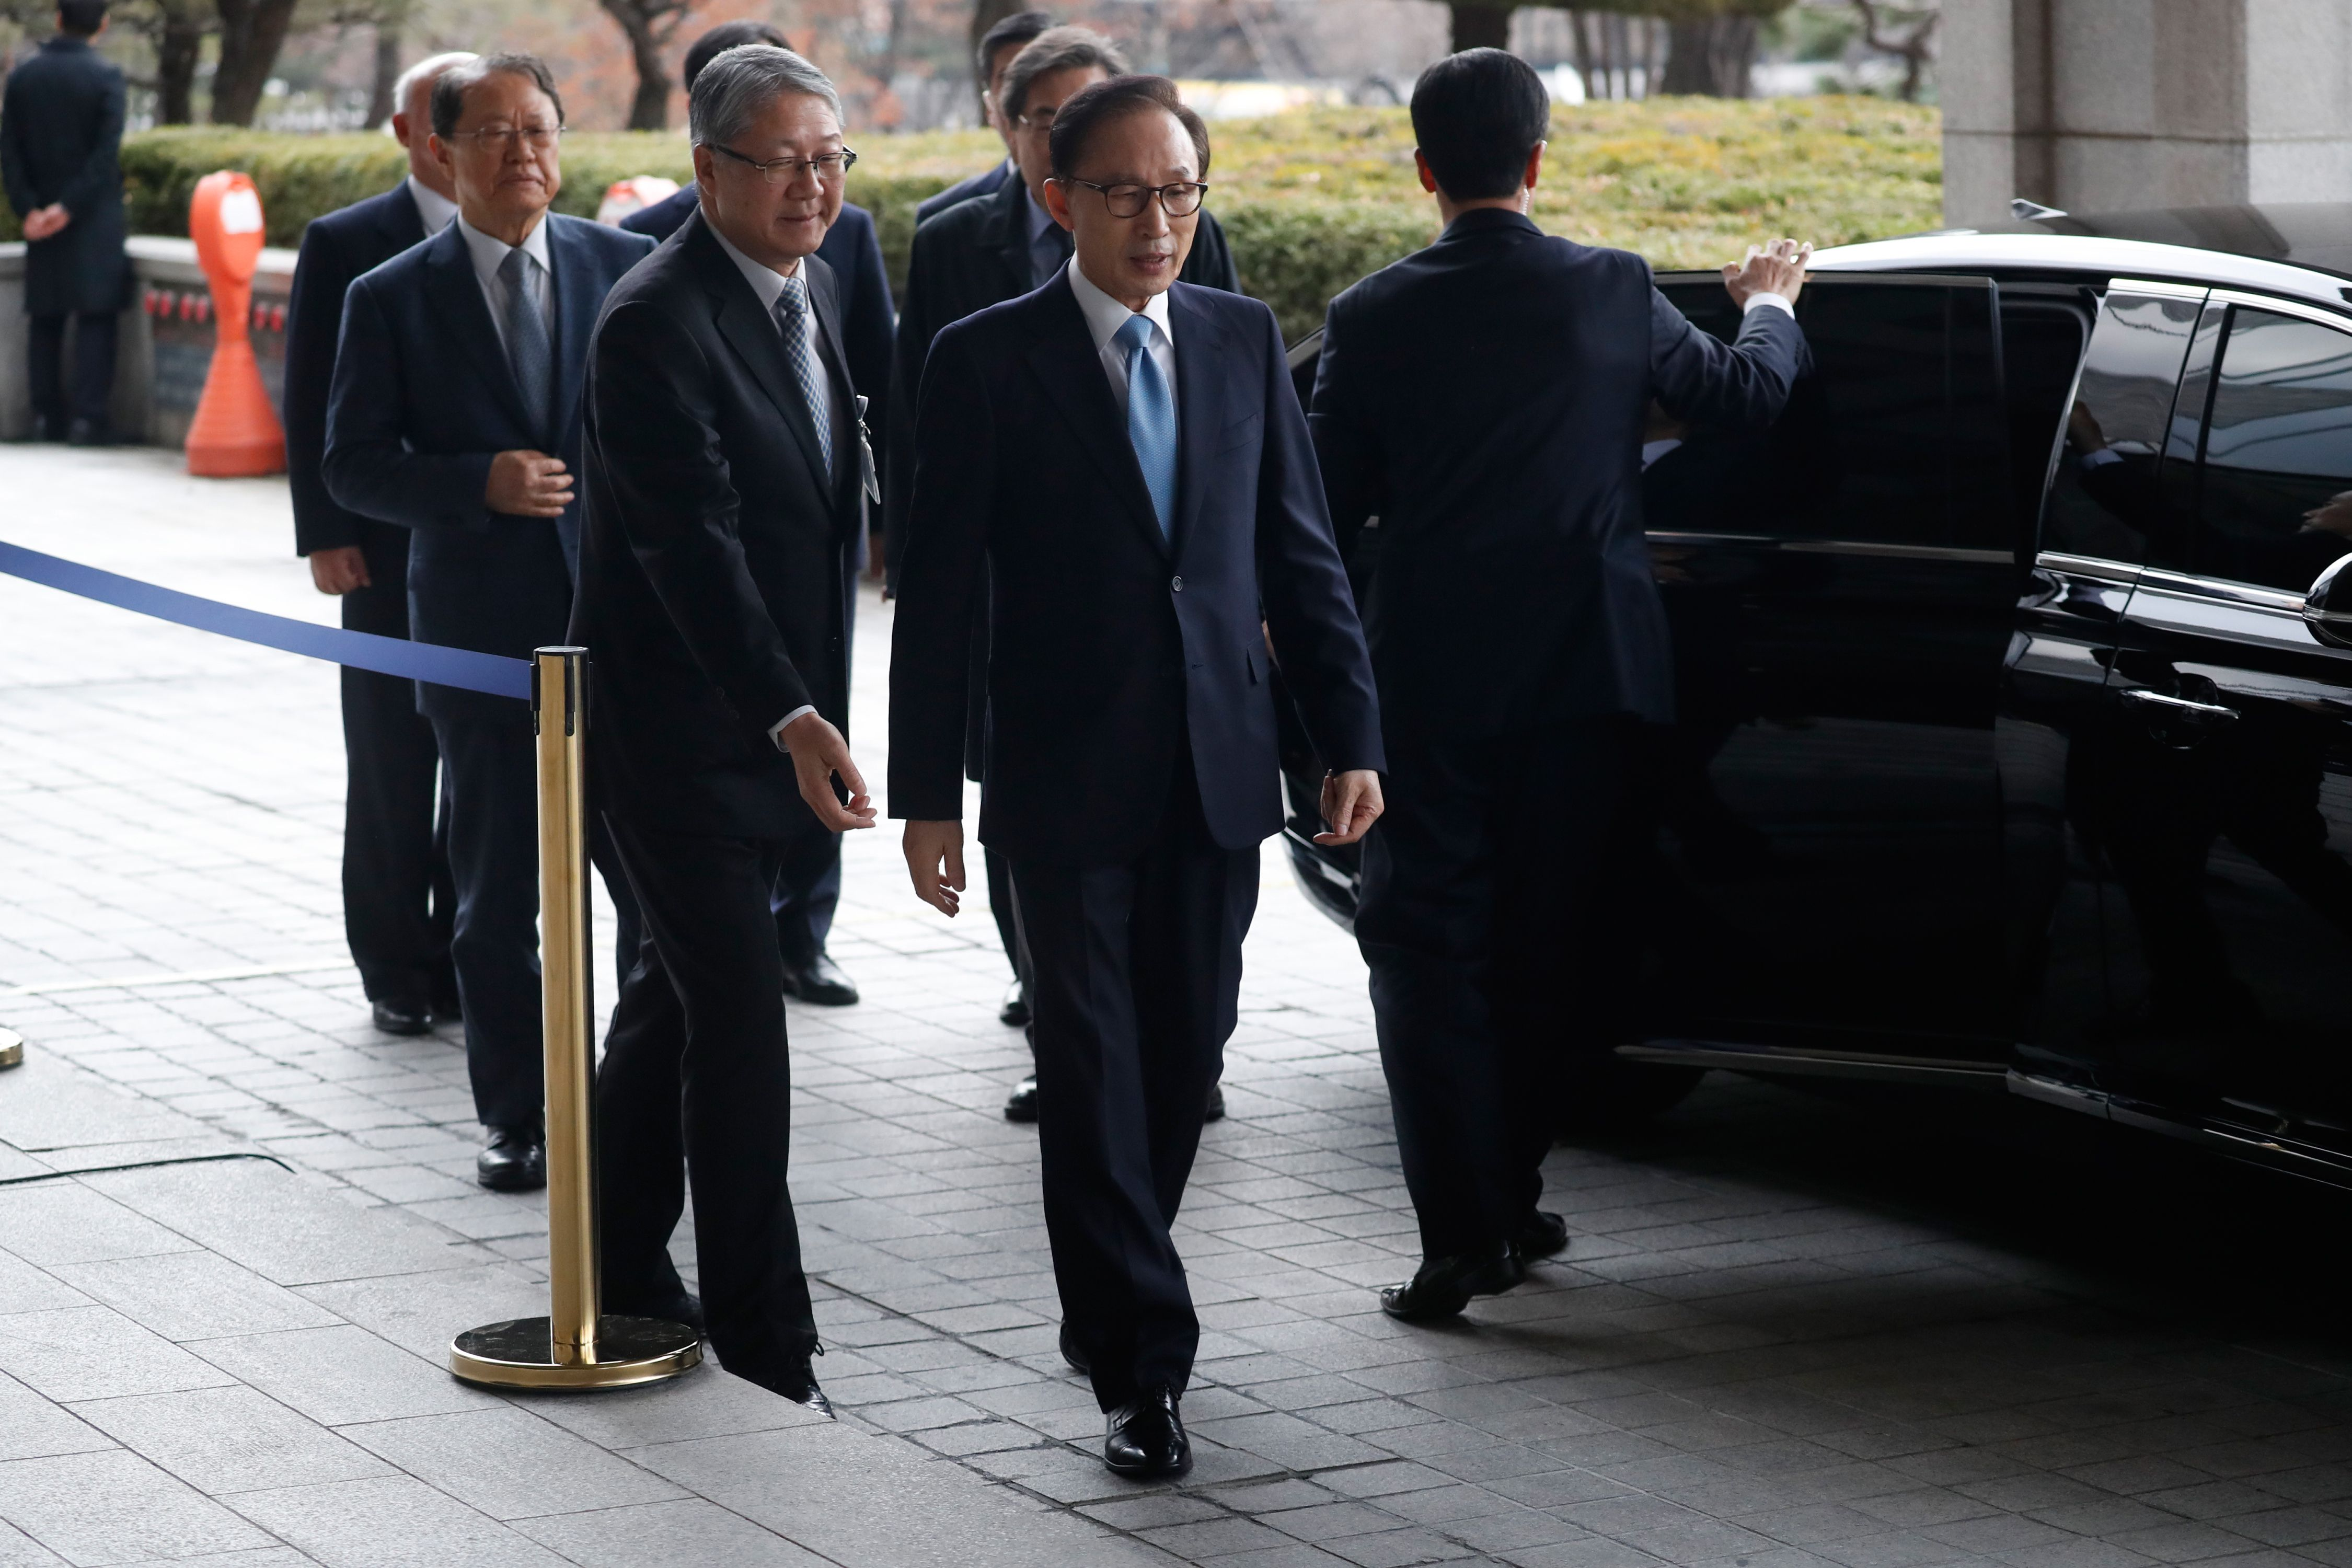 رئيس كوريا الجنوبية السابق يصل لمقر استجوابه